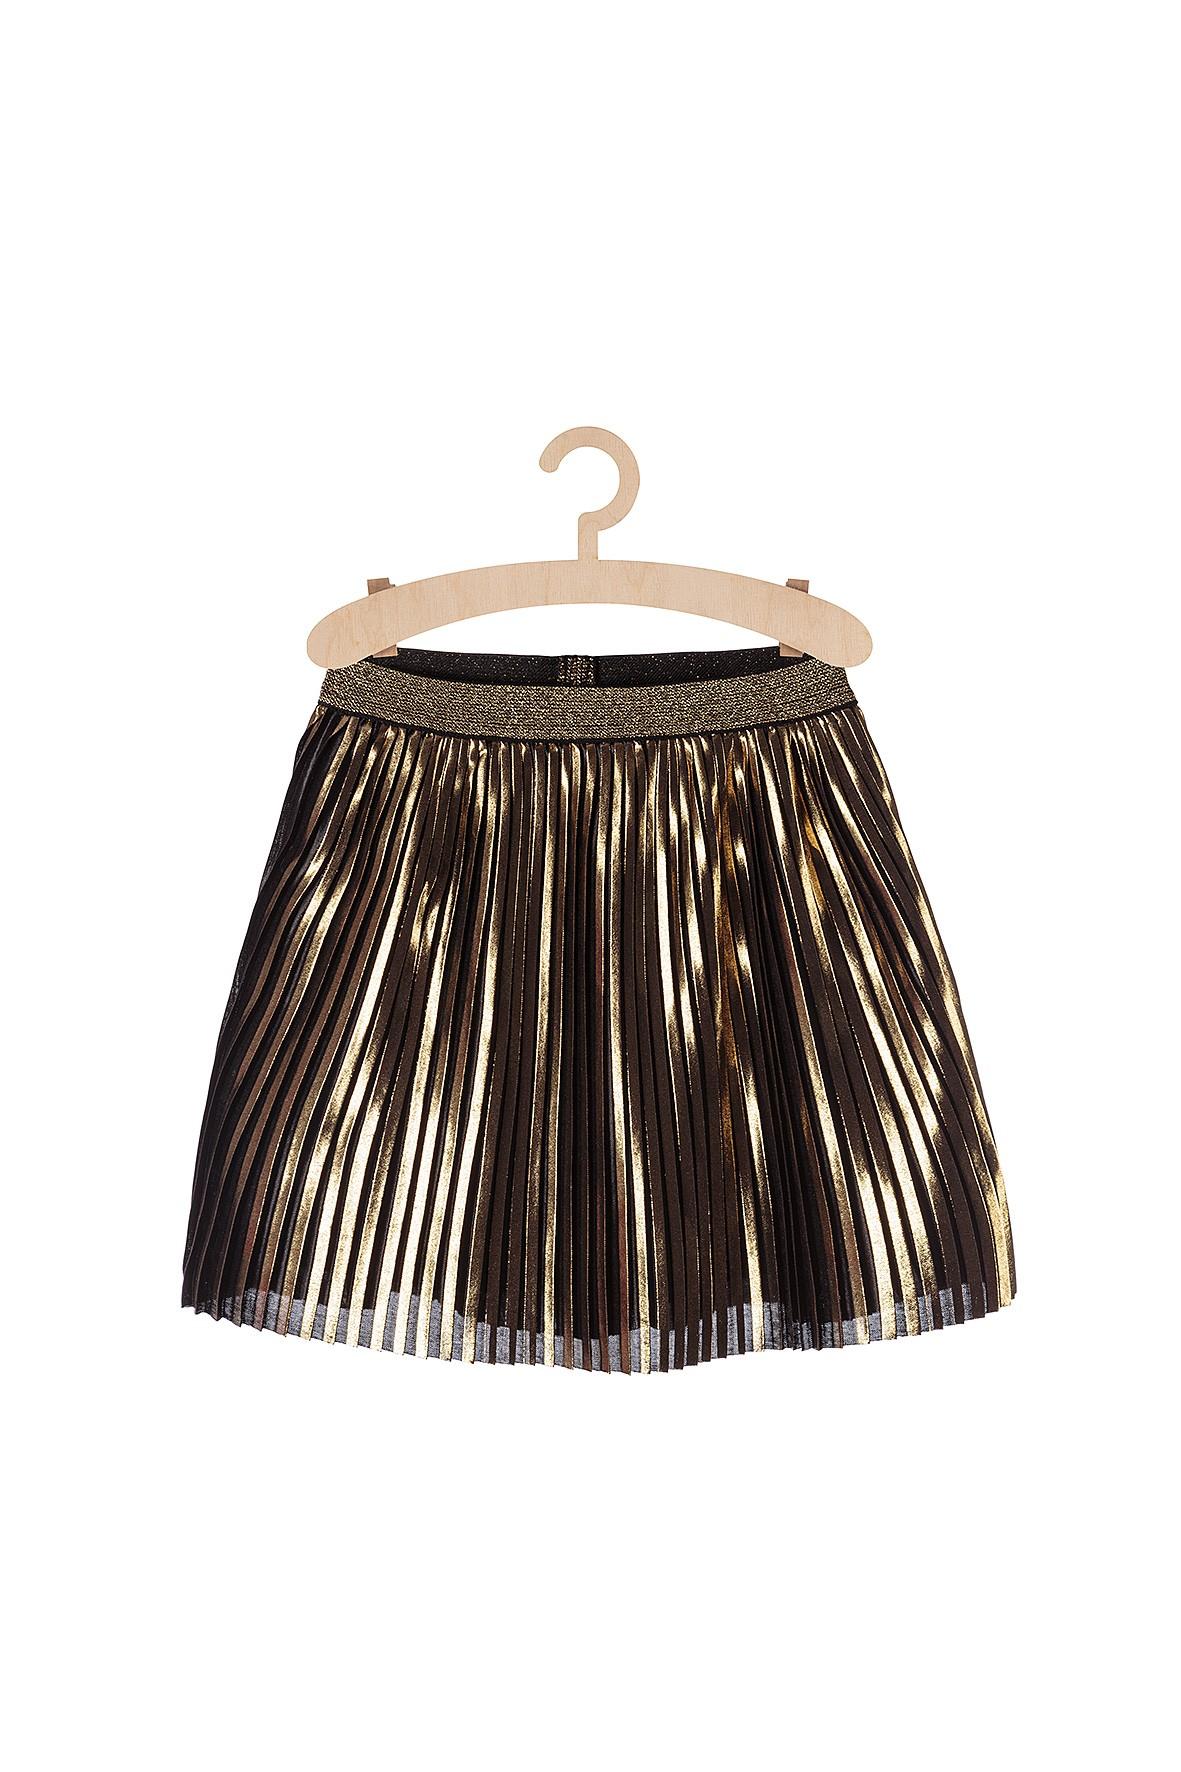 Spódnica dziewczęca złota plisowana